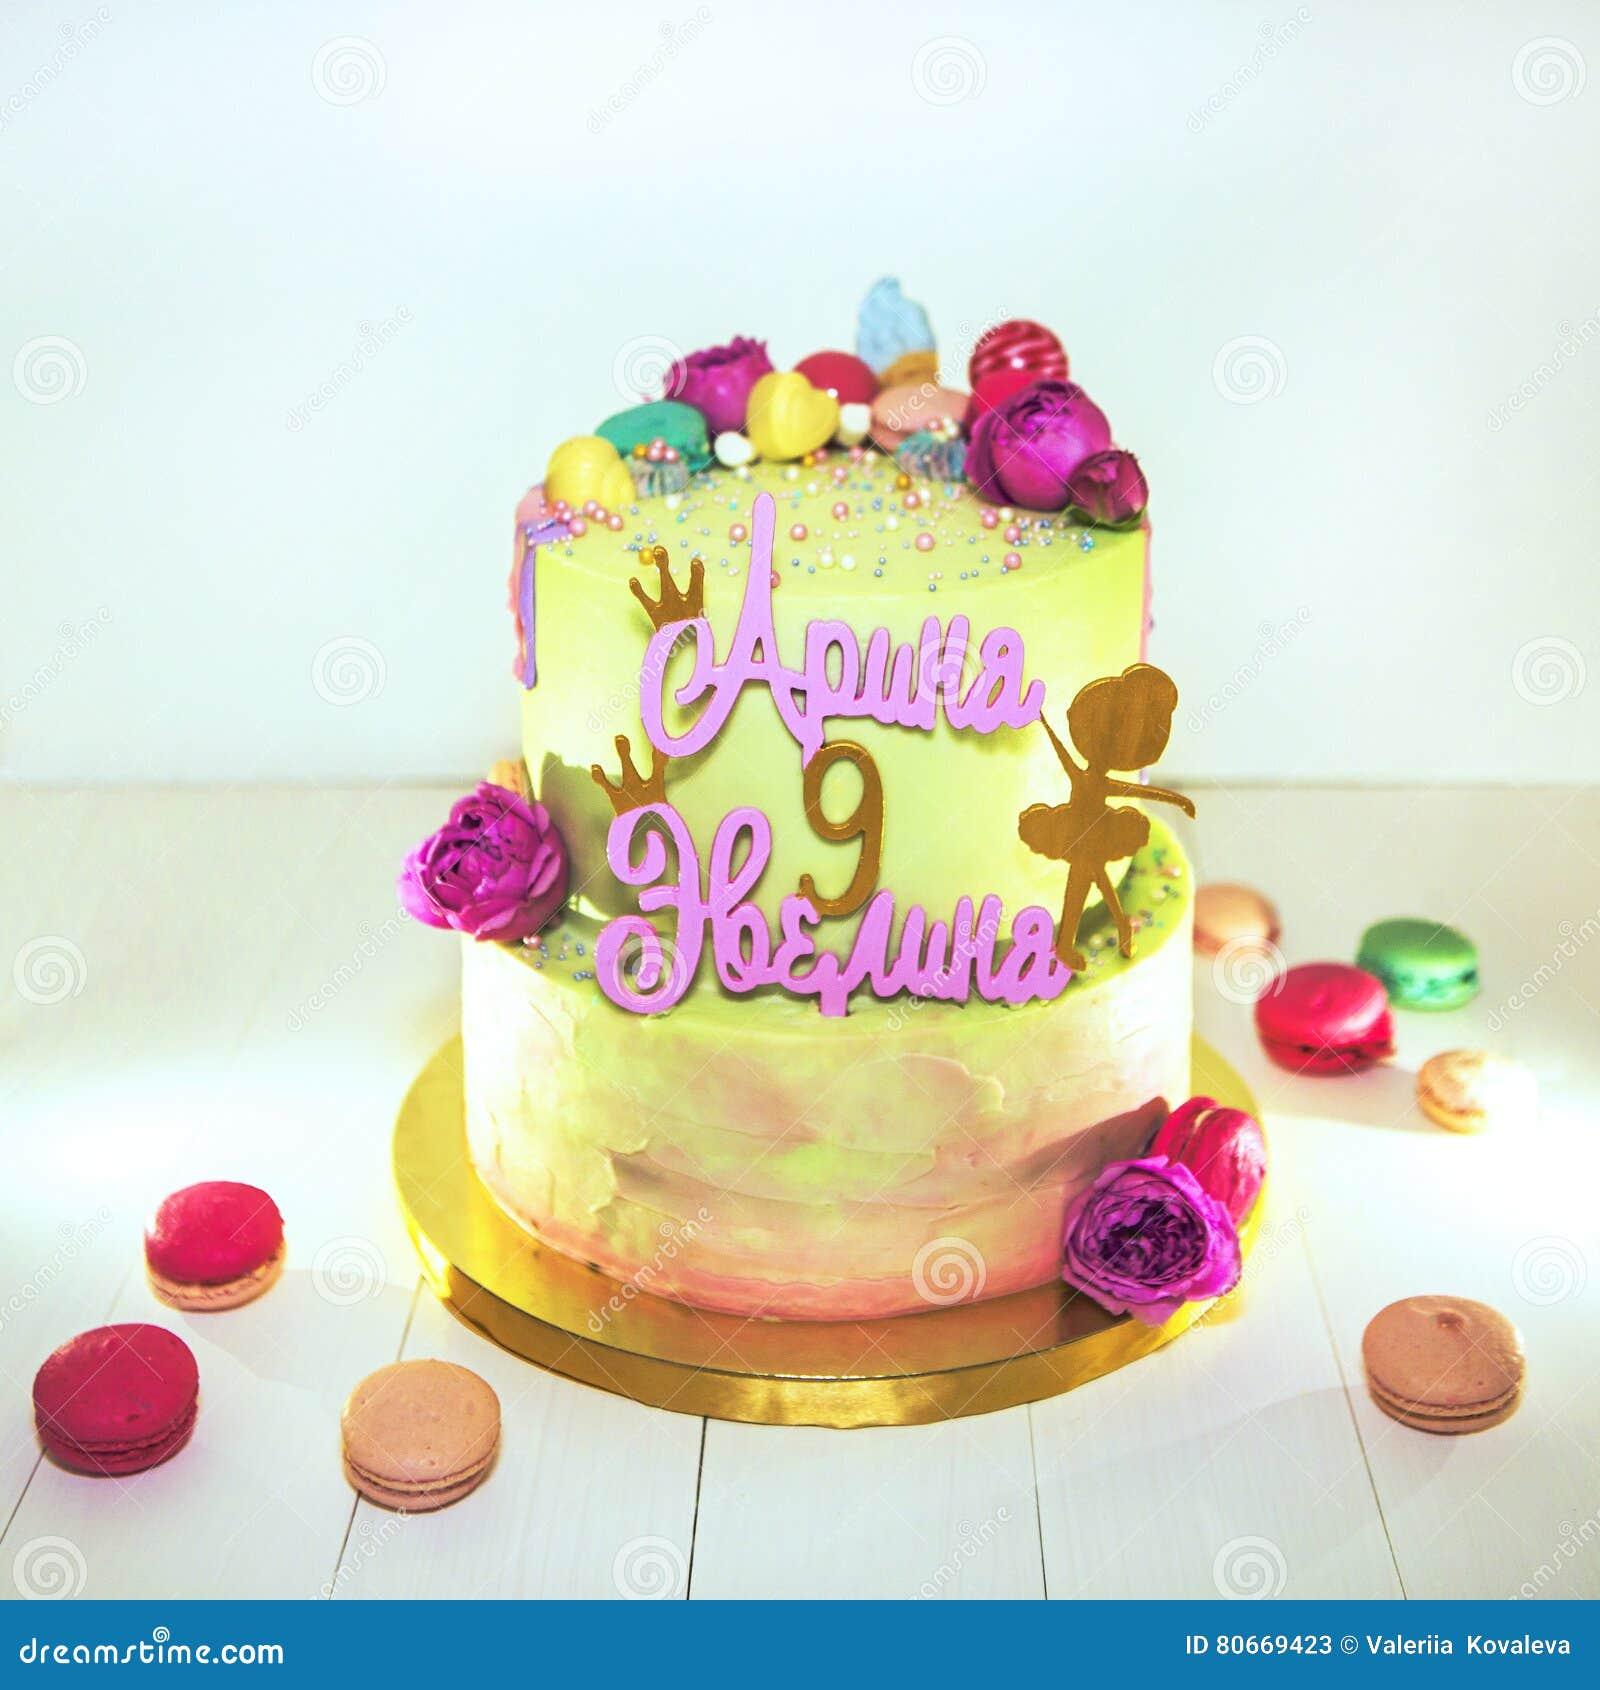 Birthday Cake Stock Image Of Flowers Girls White